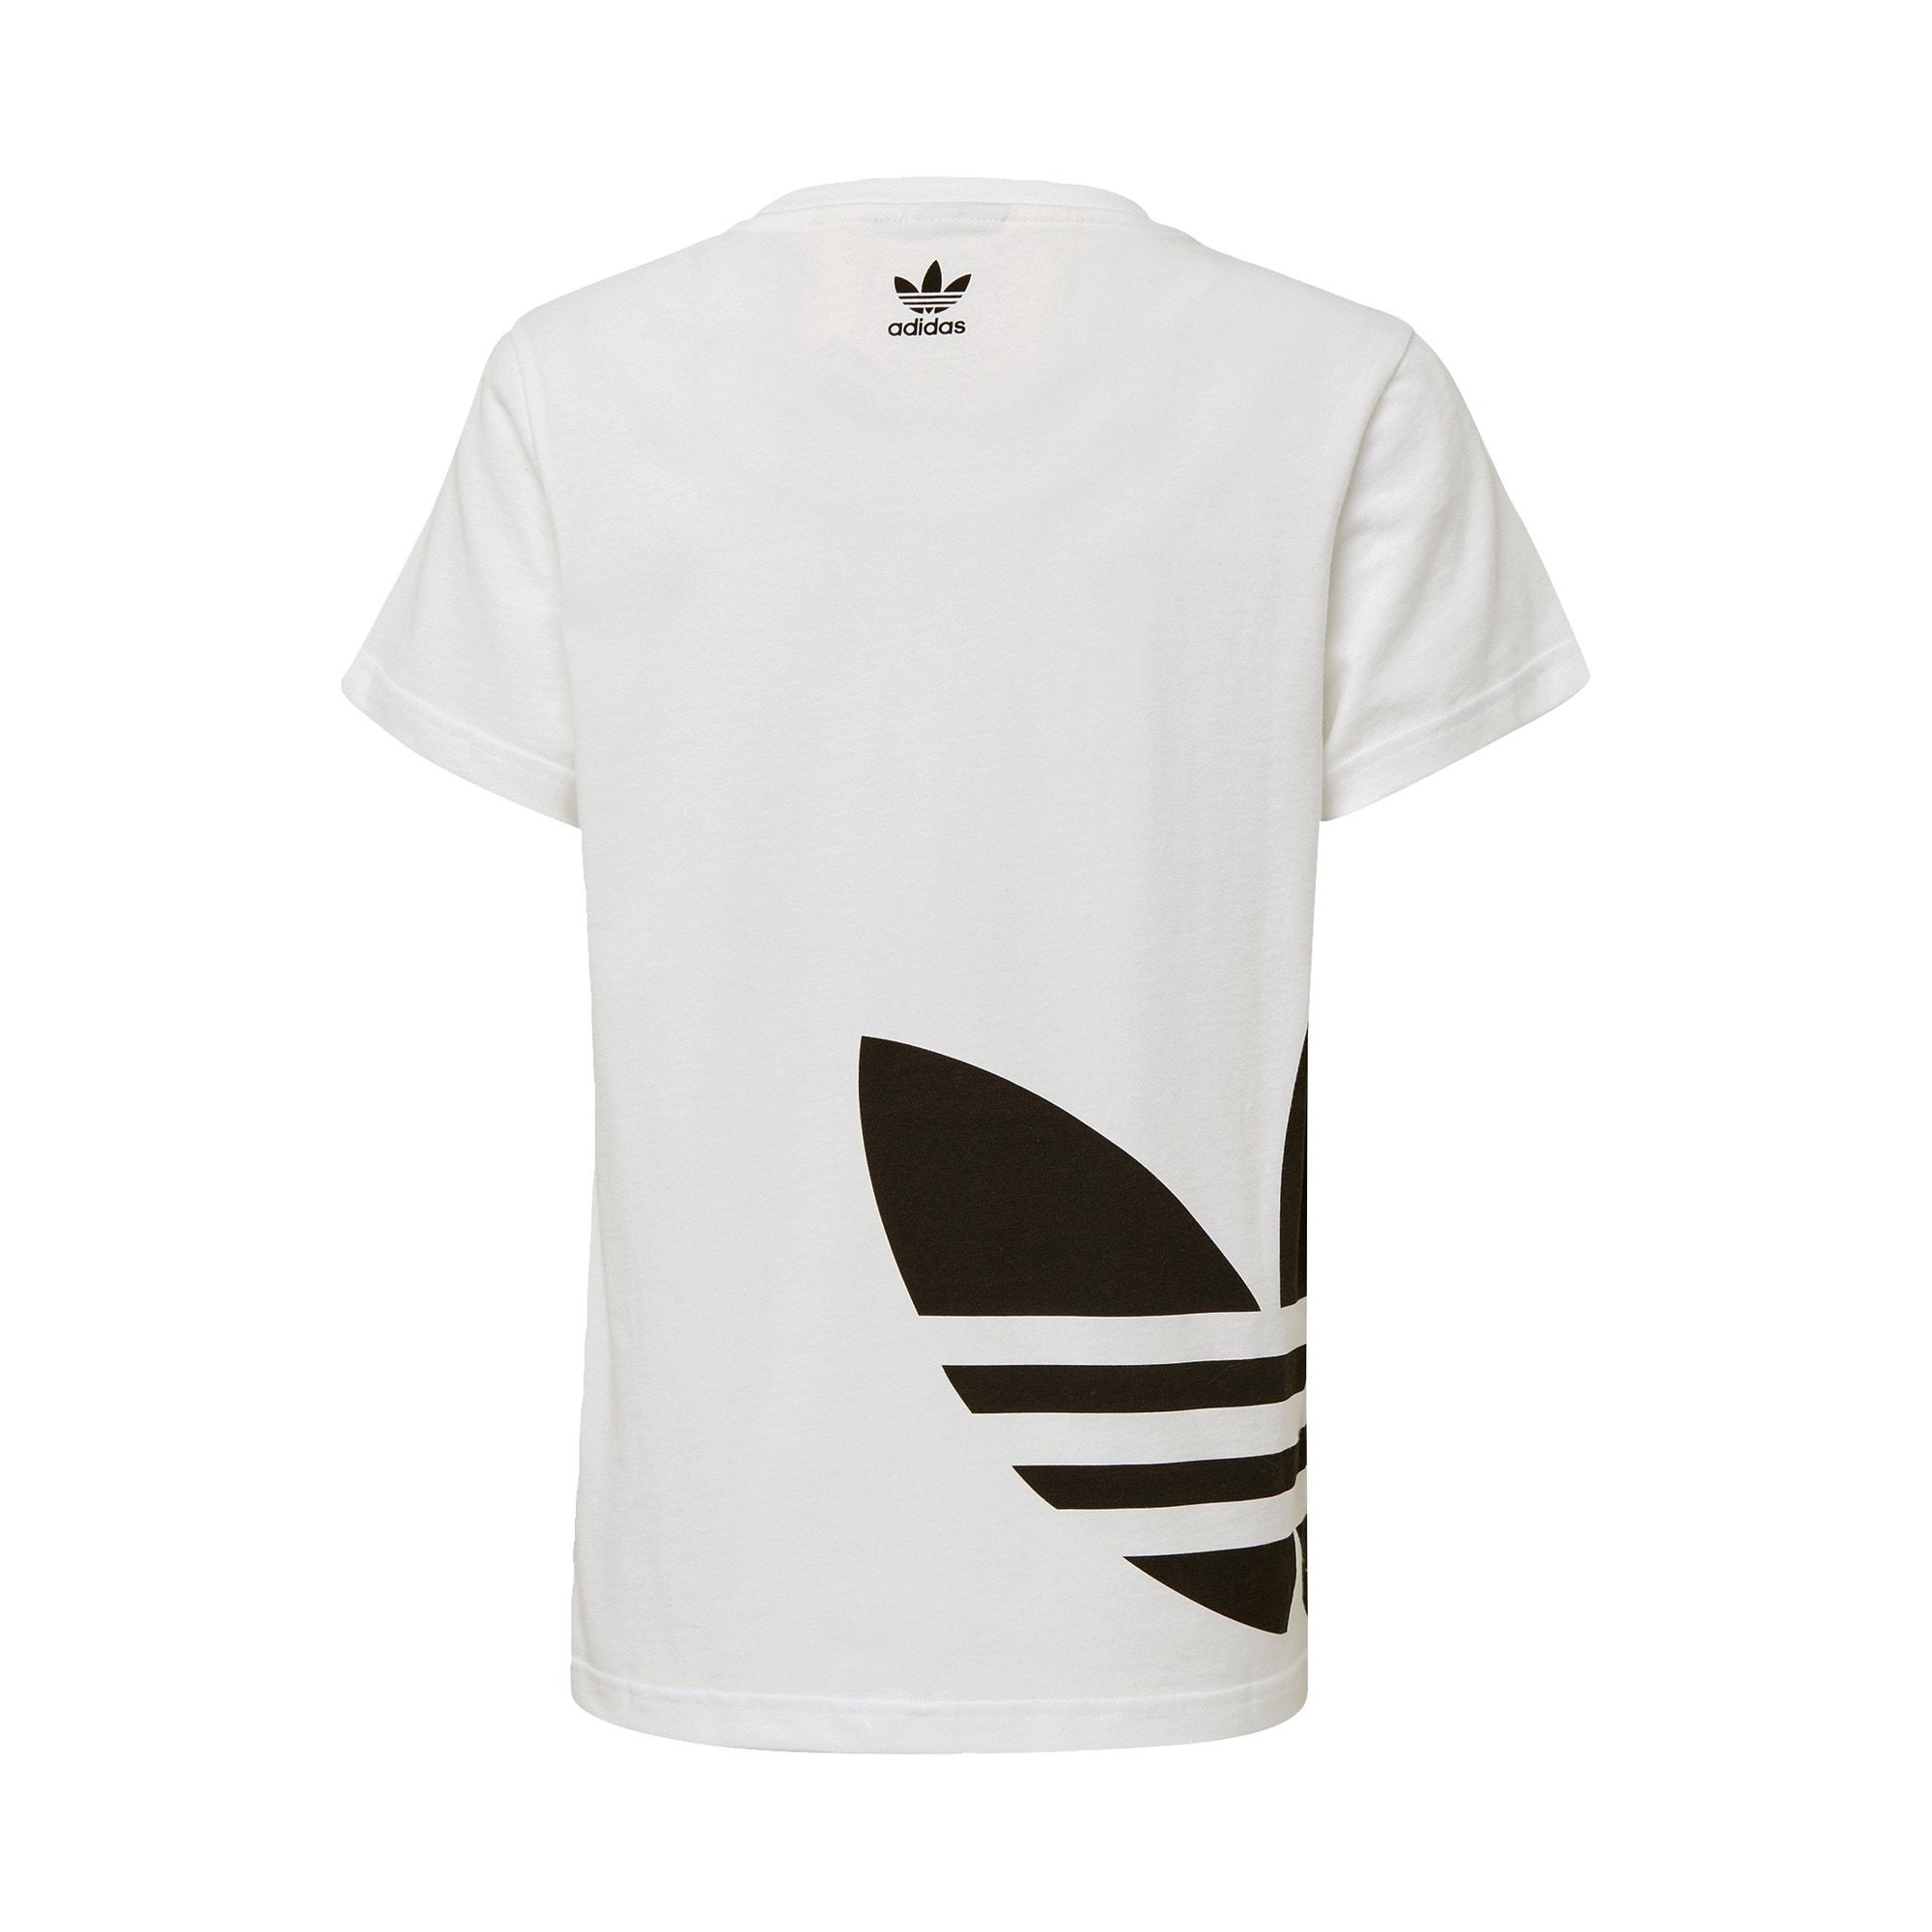 Adidas Originals T Shirt Jungen Weiss Schwarz Grosse 158 Adidas Originals Shirts Und T Shirt